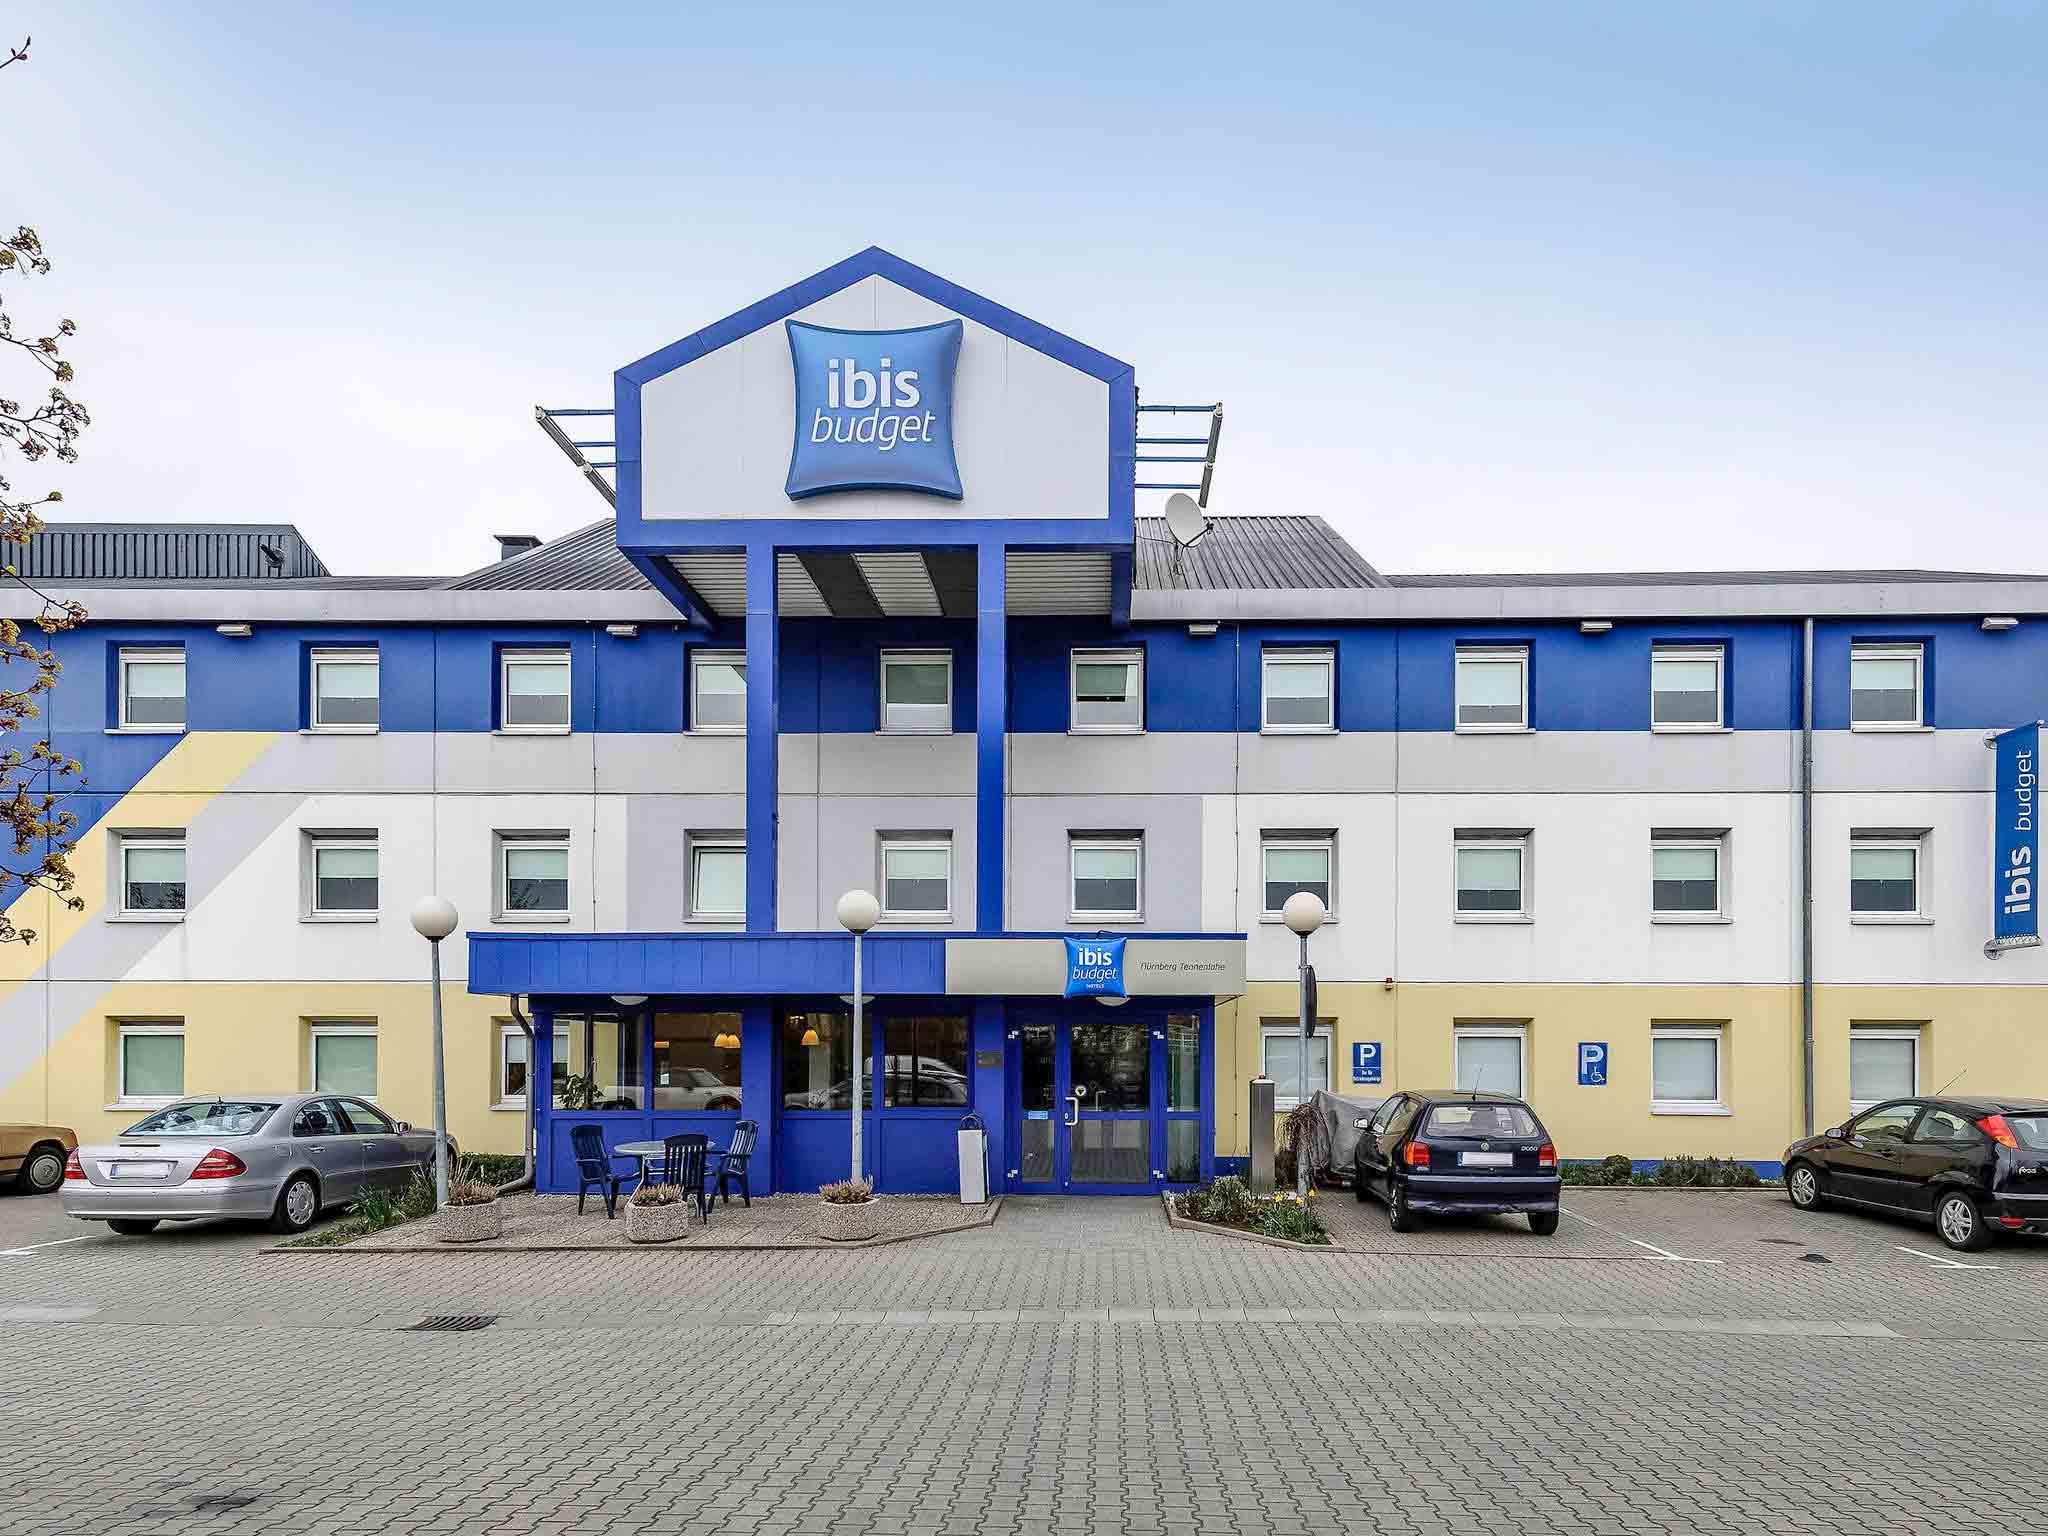 فندق - ibis budget Nuernberg Tennenlohe